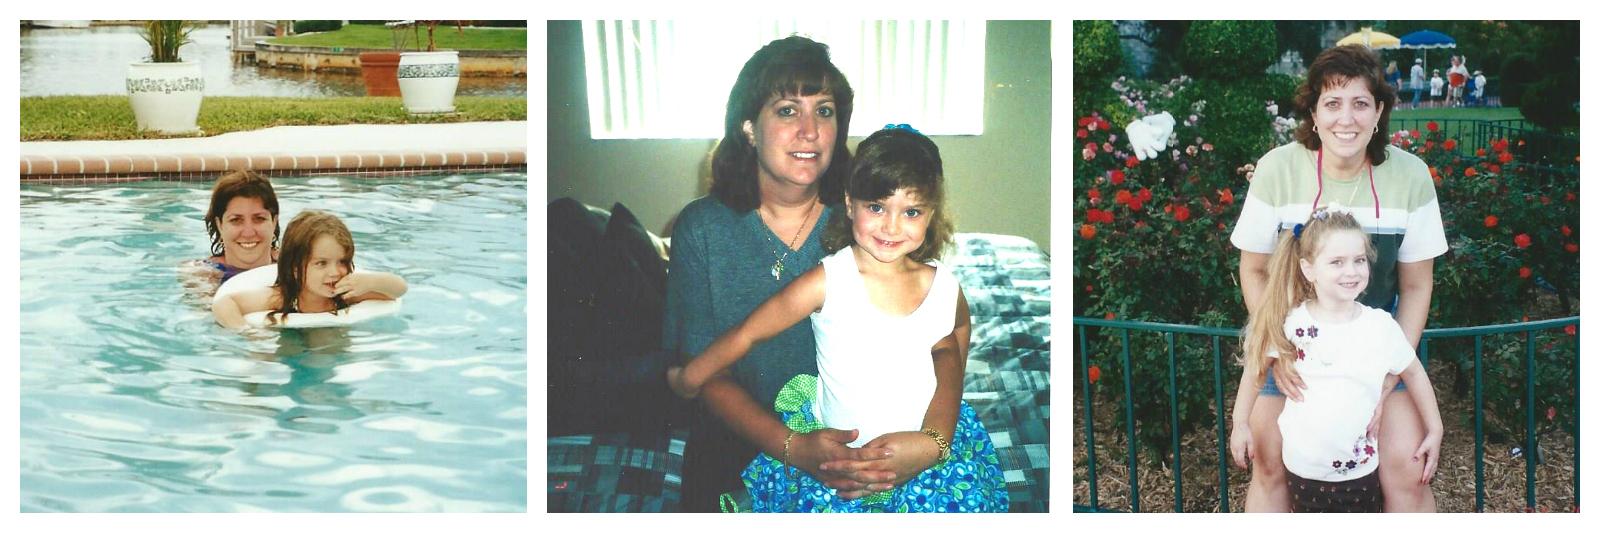 Lauren and her mom when Lauren was 3